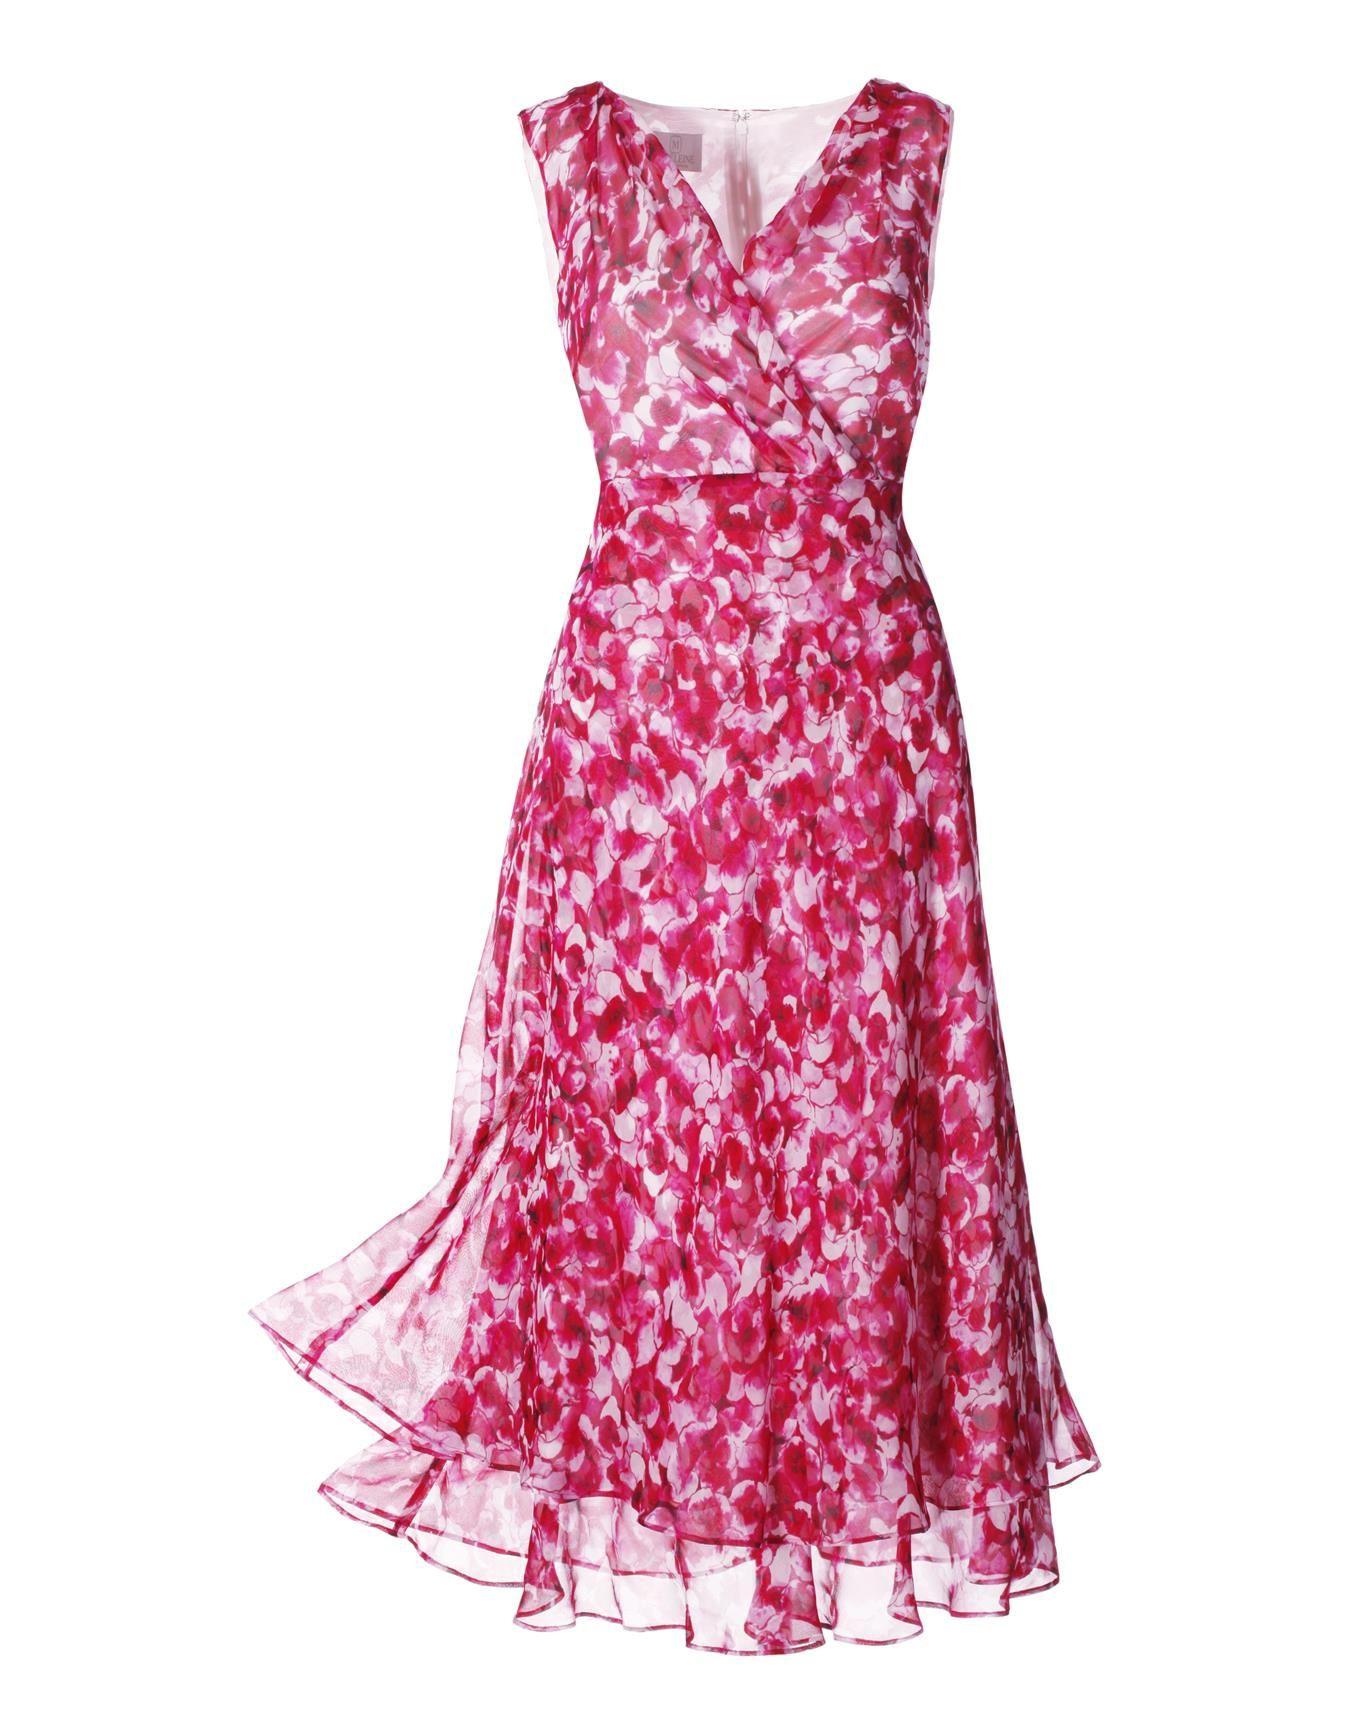 Kleid Aus Seide In Der Farbe Fuchsia / Weiß - Pink, Weiß